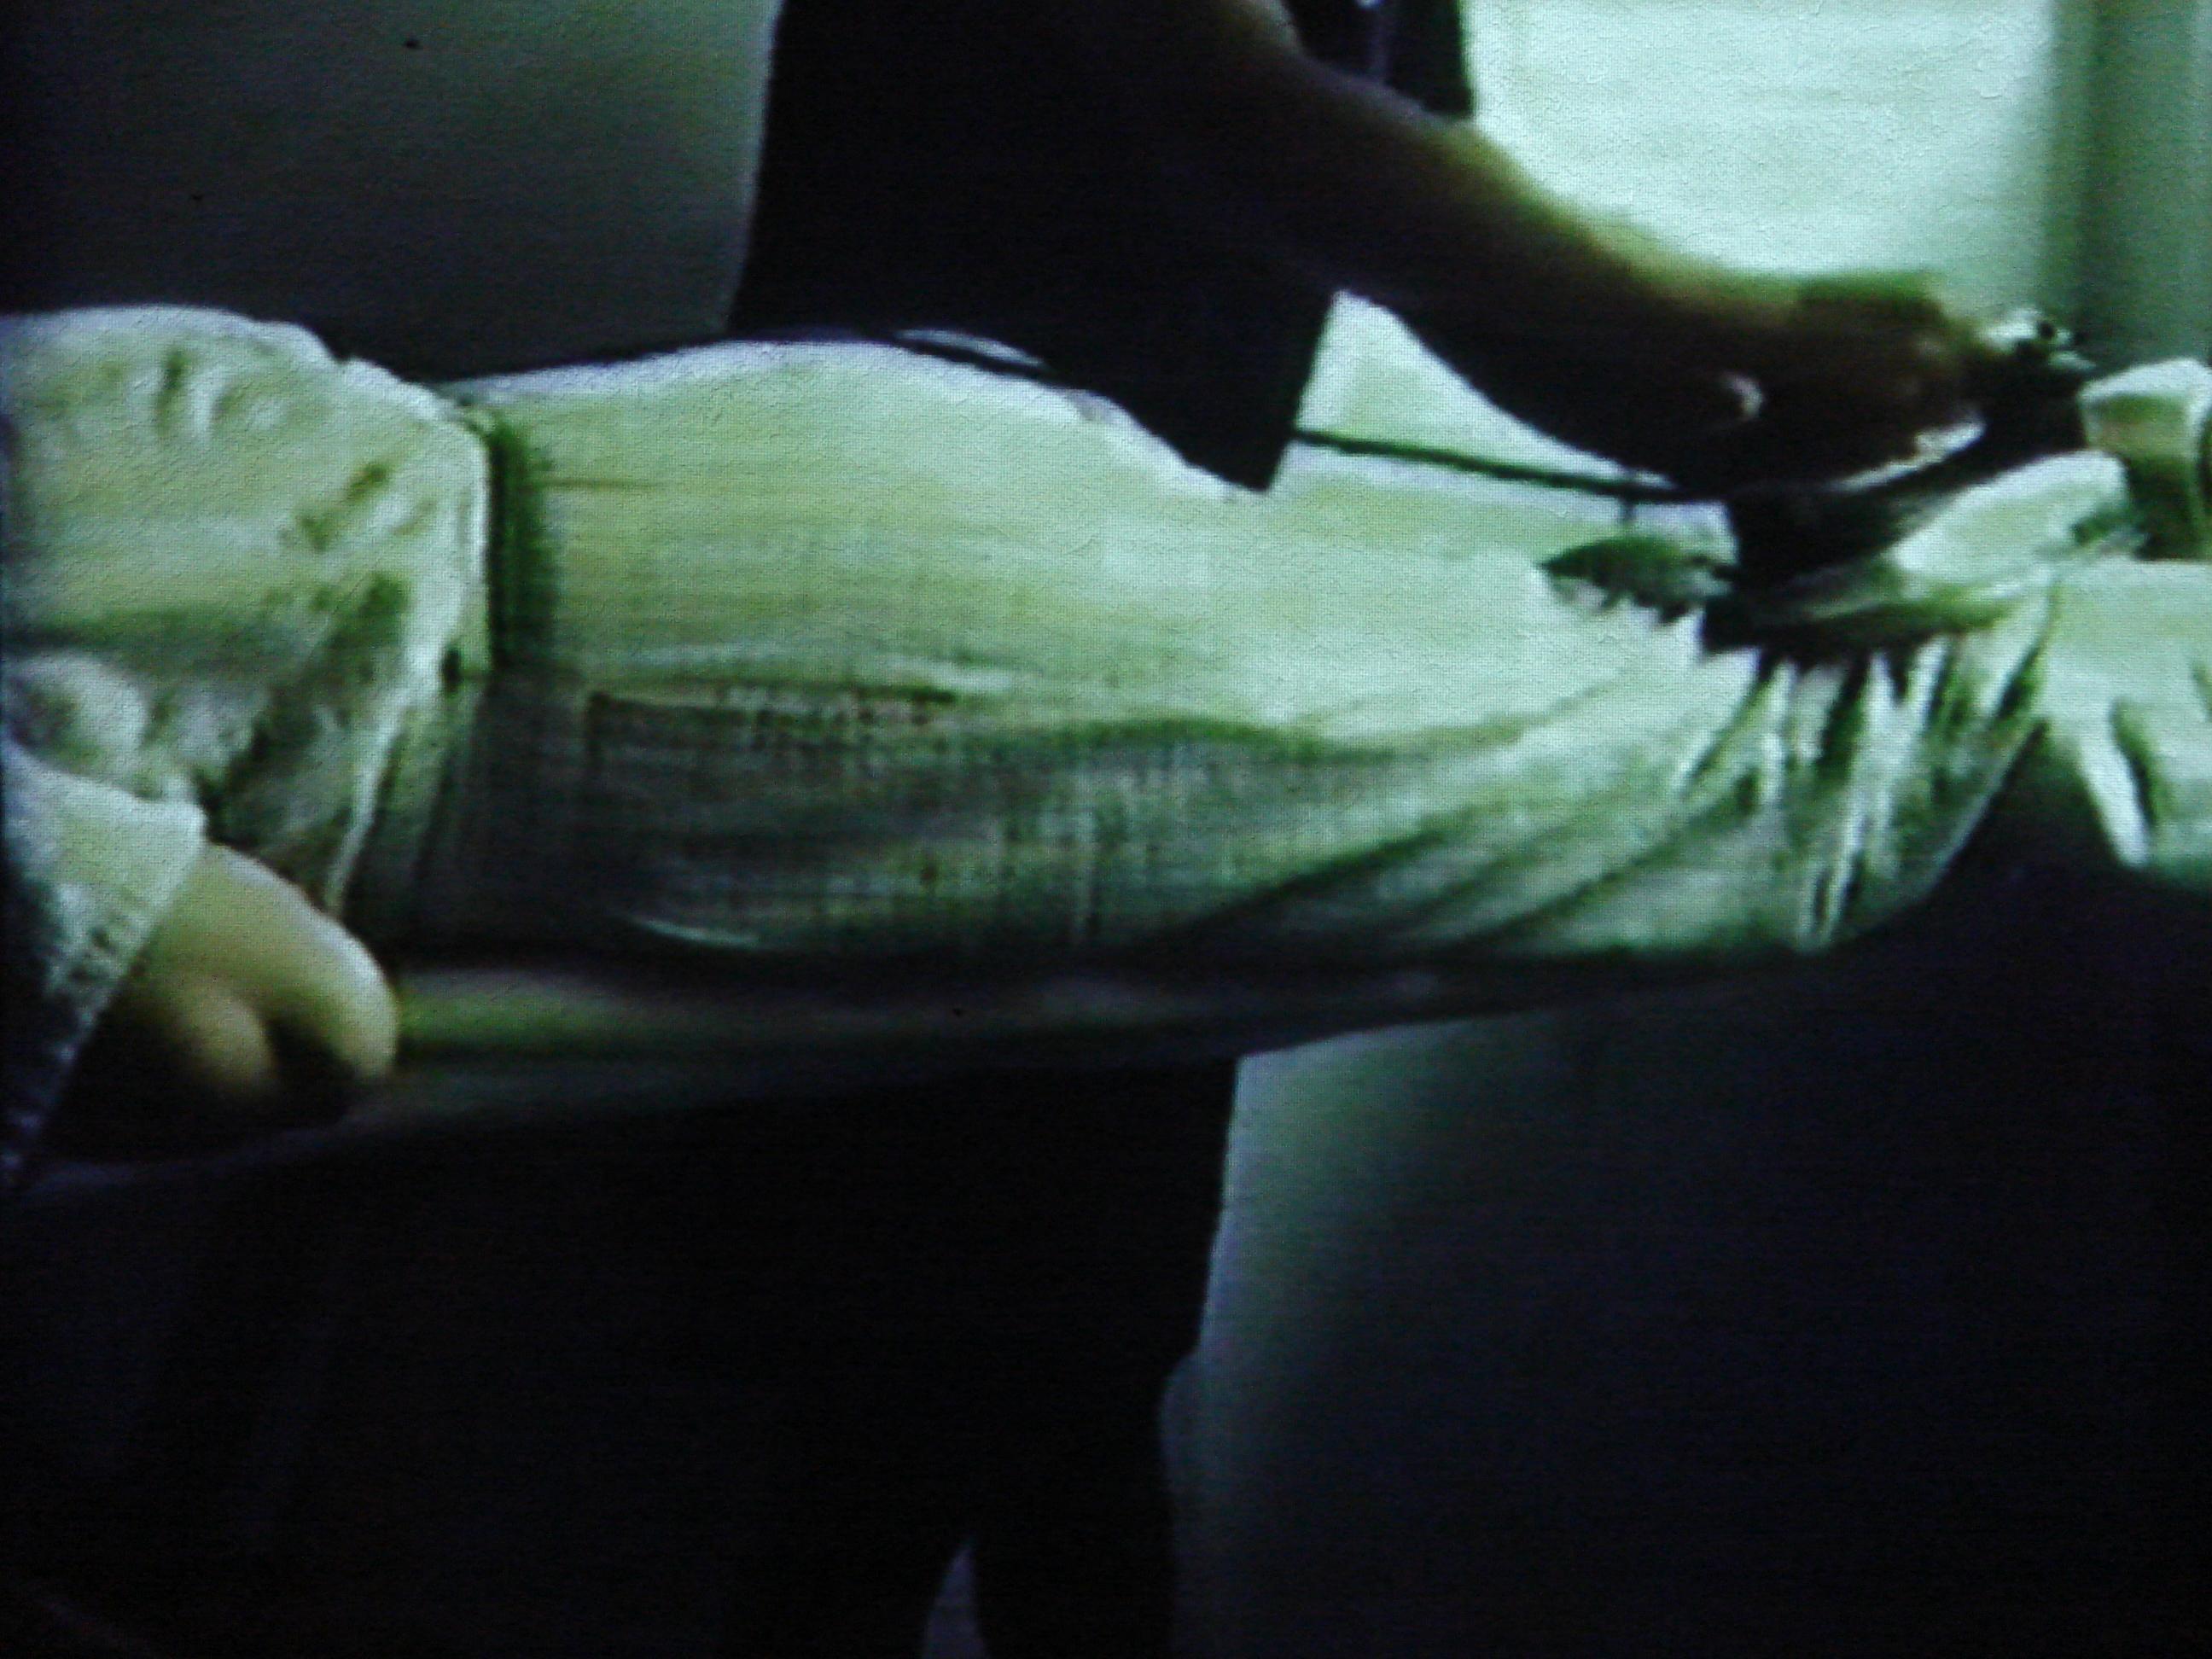 Letícia Parente, Zadanie I, 1982, dzięki uprzejmości André Parente